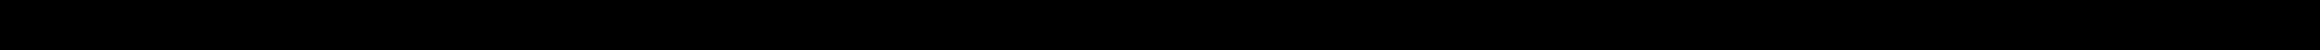 RIDEX 59030255, 74434792, 74434793, 74434794, 74446335 Olajszűrő